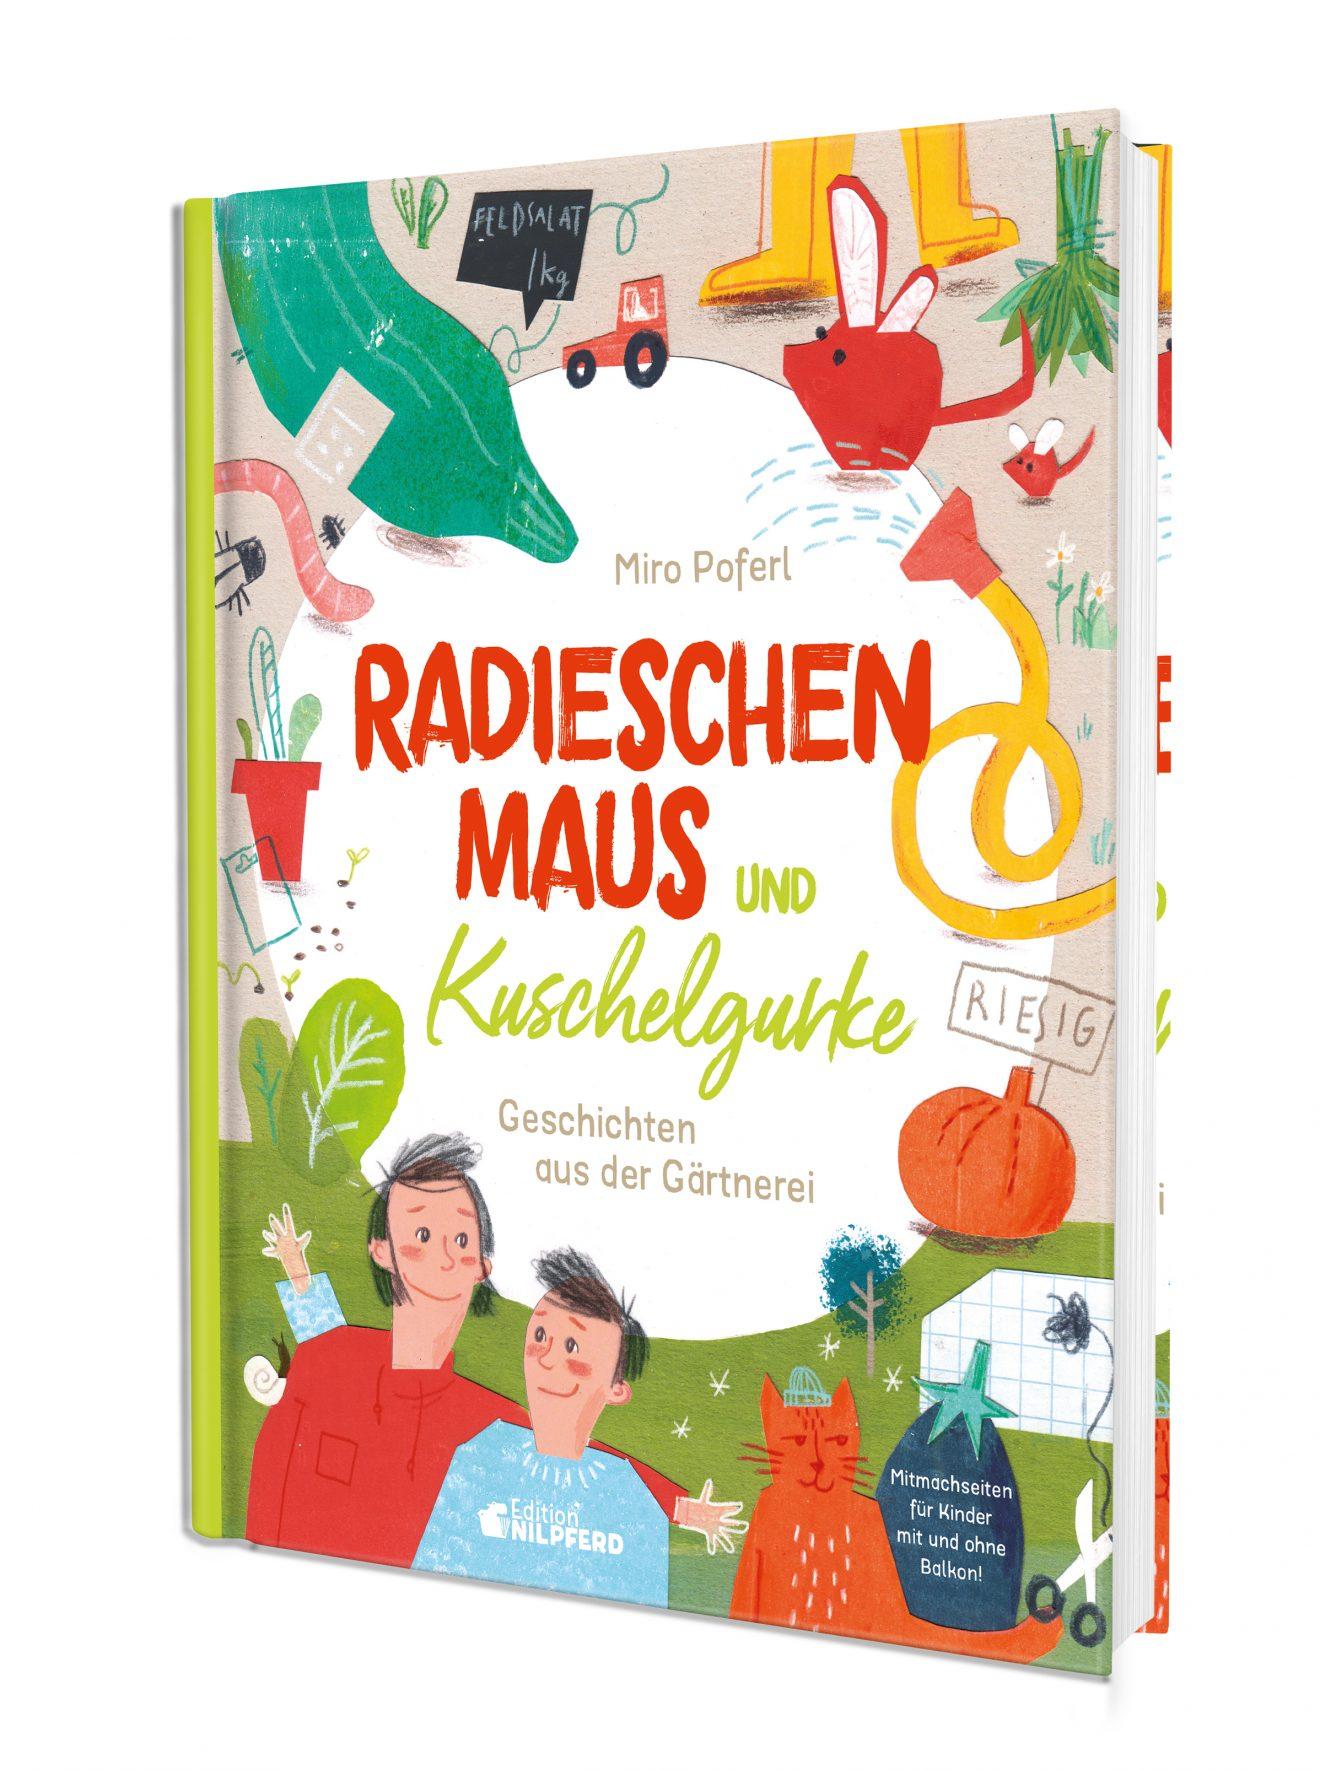 Radieschenmaus_RGB